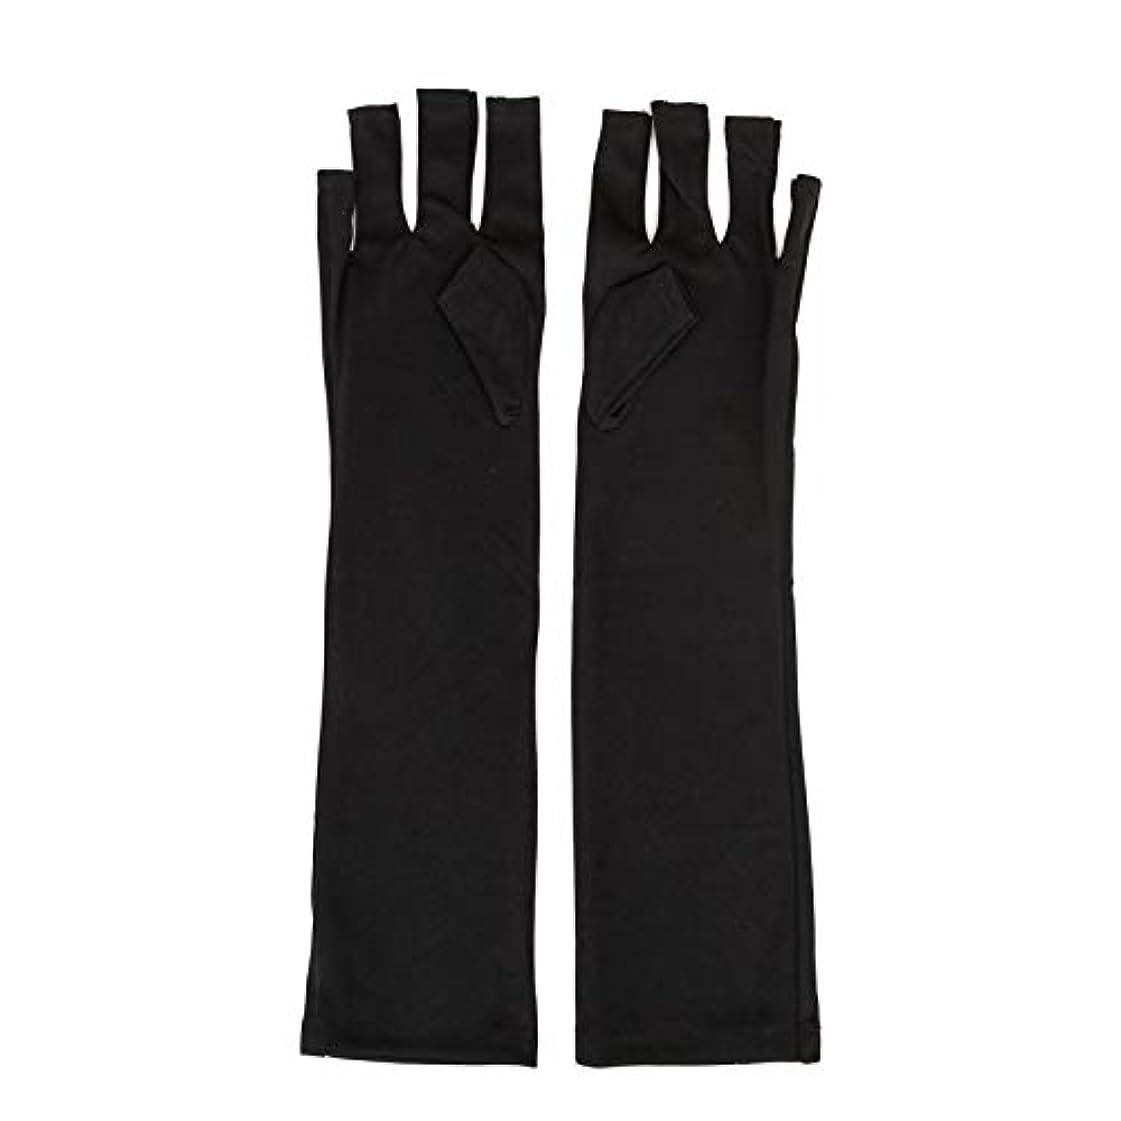 立場下手高める1ペアネイルアートUV保護手袋UVランプ放射線防護手袋ネイルアートドライヤーツールマニキュアツールネイルアートツールオープントゥブラック